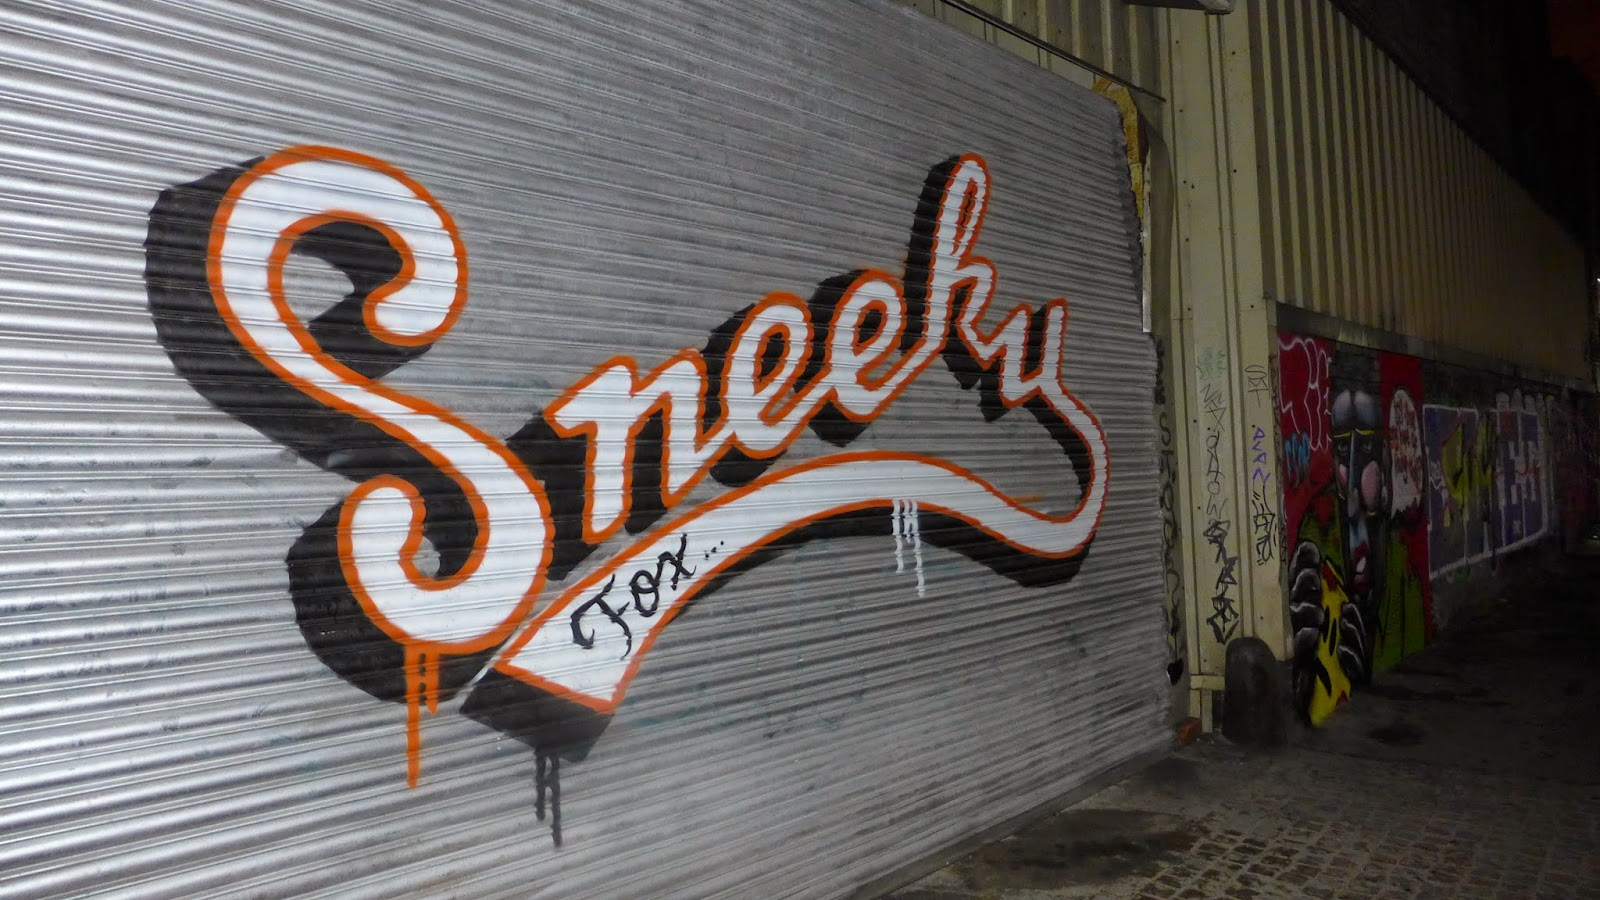 Sneeky Fox Street Art